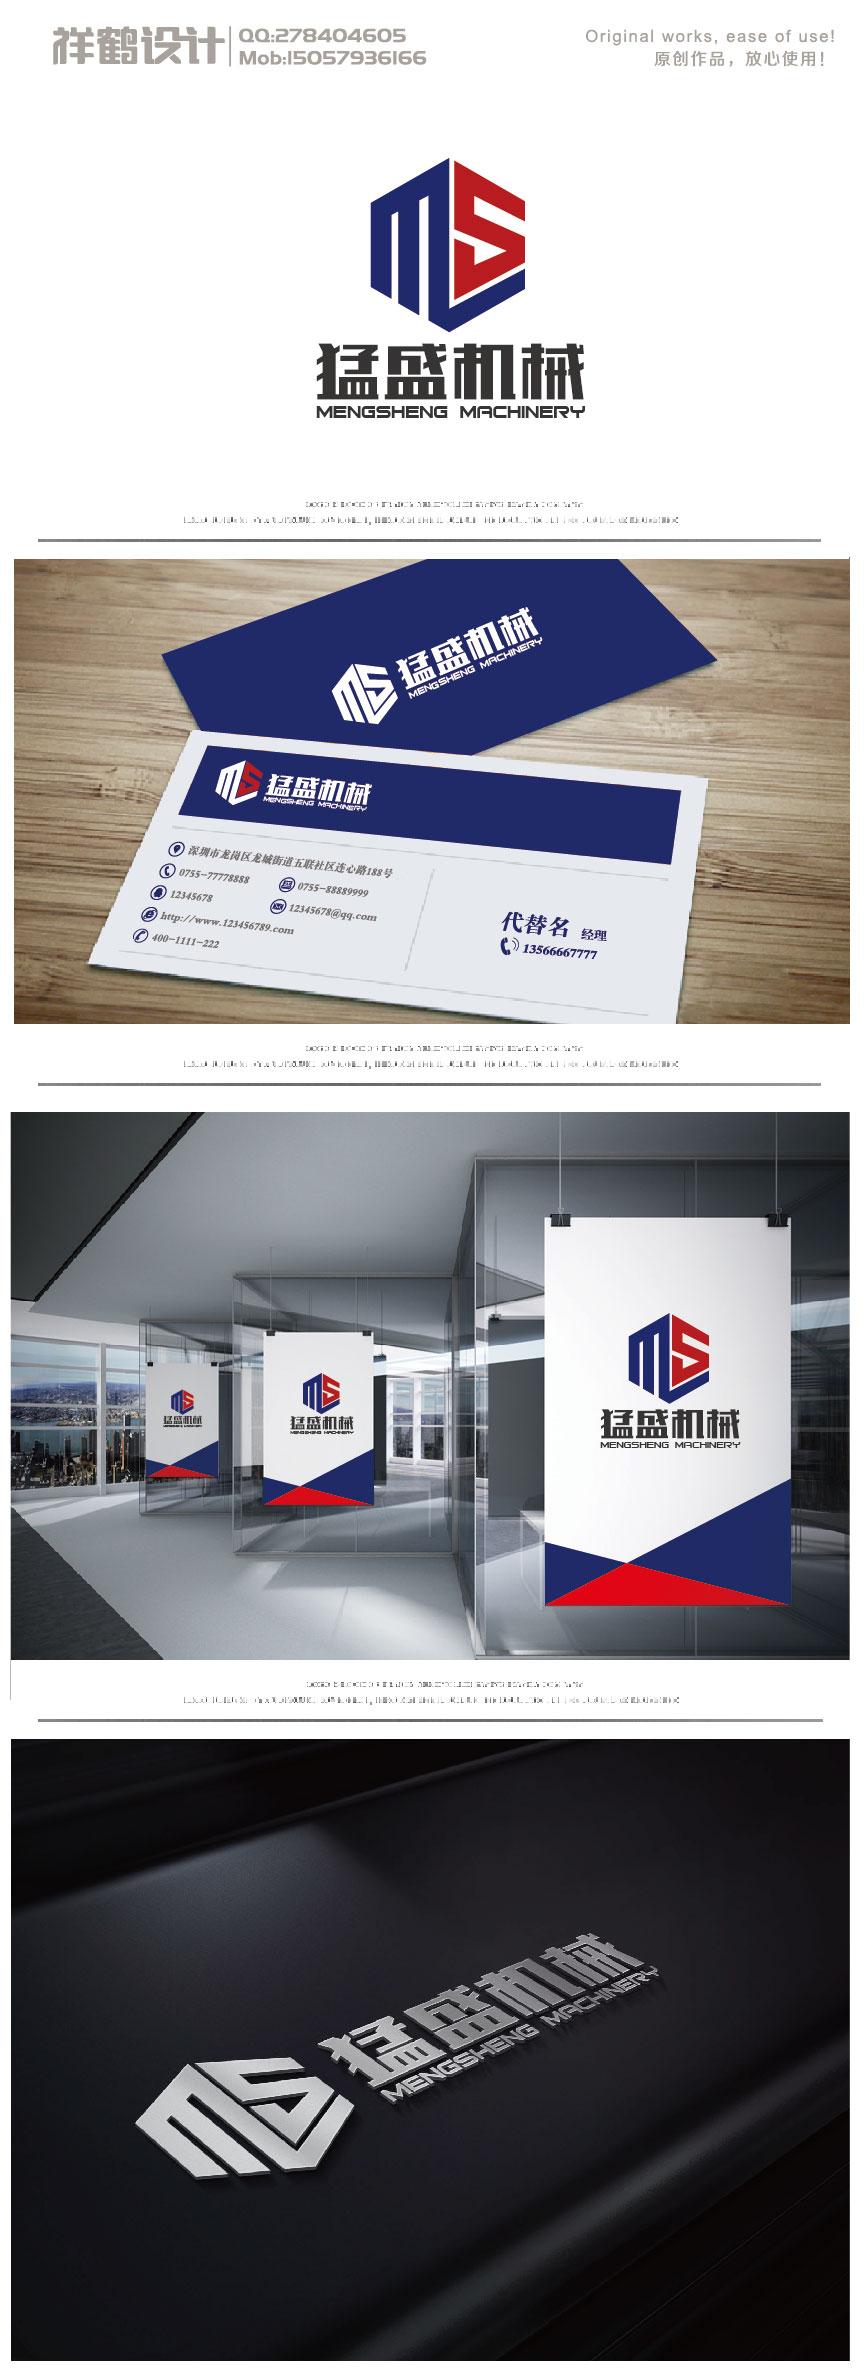 上海猛盛机械科技公司LOGO、广告语_2965998_k68威客网